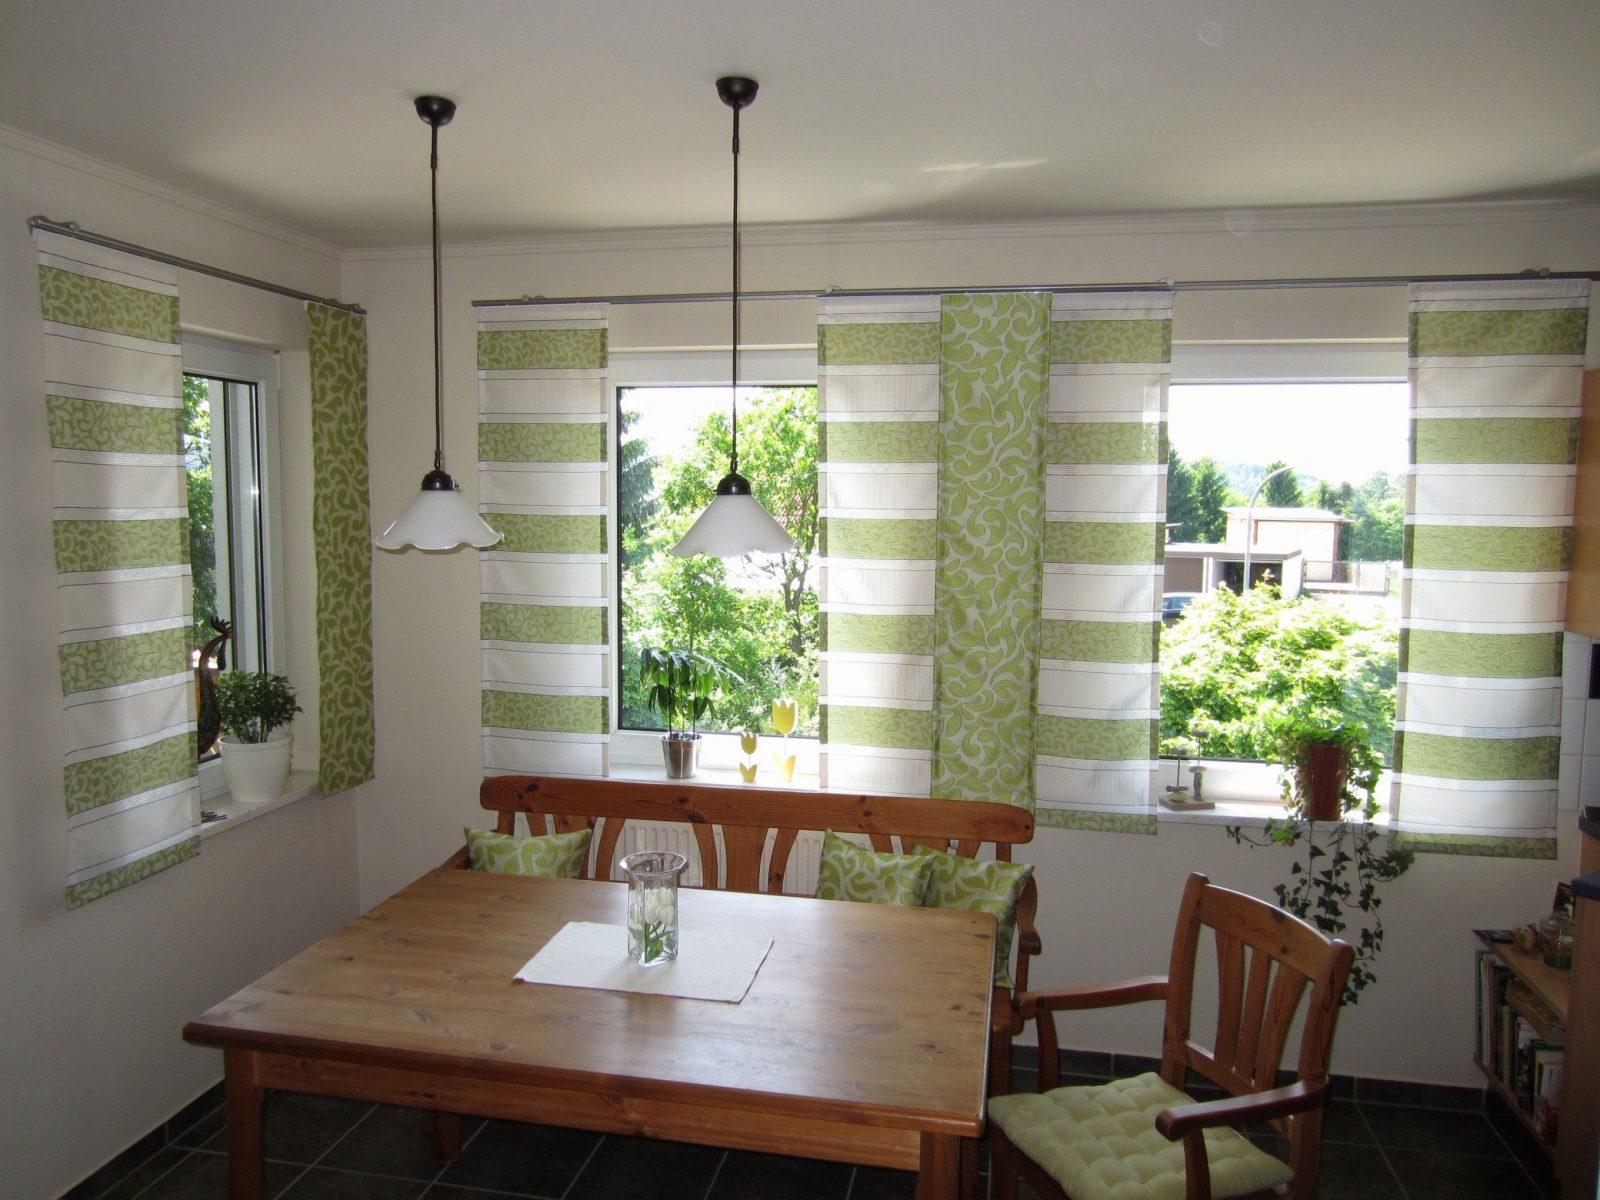 Gardinen Fenster Moderne Luxus Vorhange Fur Kleine Kuche Hwieyd29 von Vorhänge Für Kleine Fenster Photo